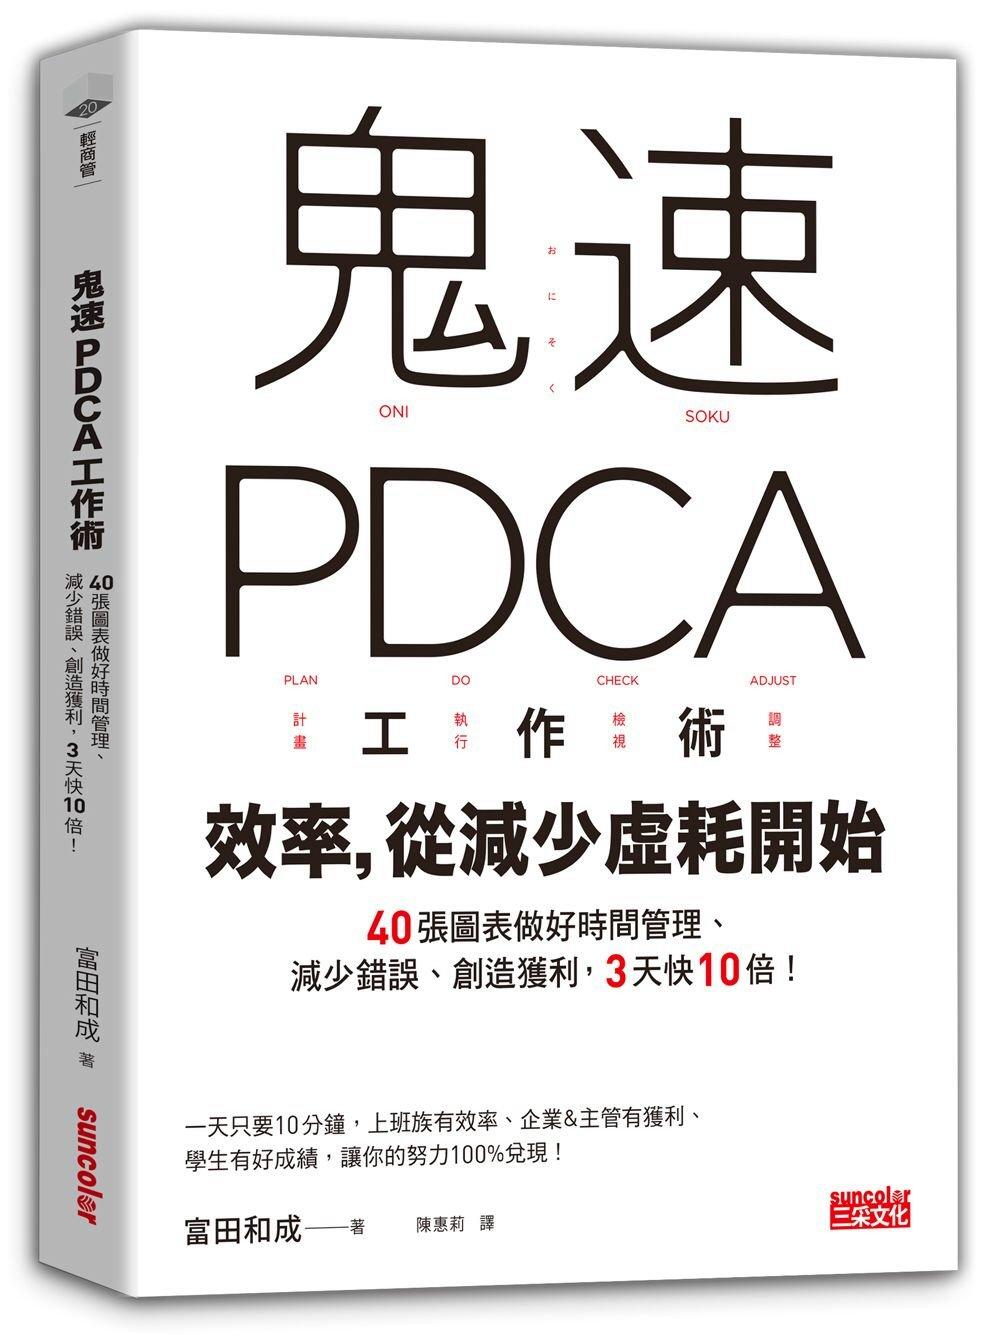 鬼速PDCA工作術:40張圖表做好時間管理、減少錯誤、創造獲利,3天快10倍!